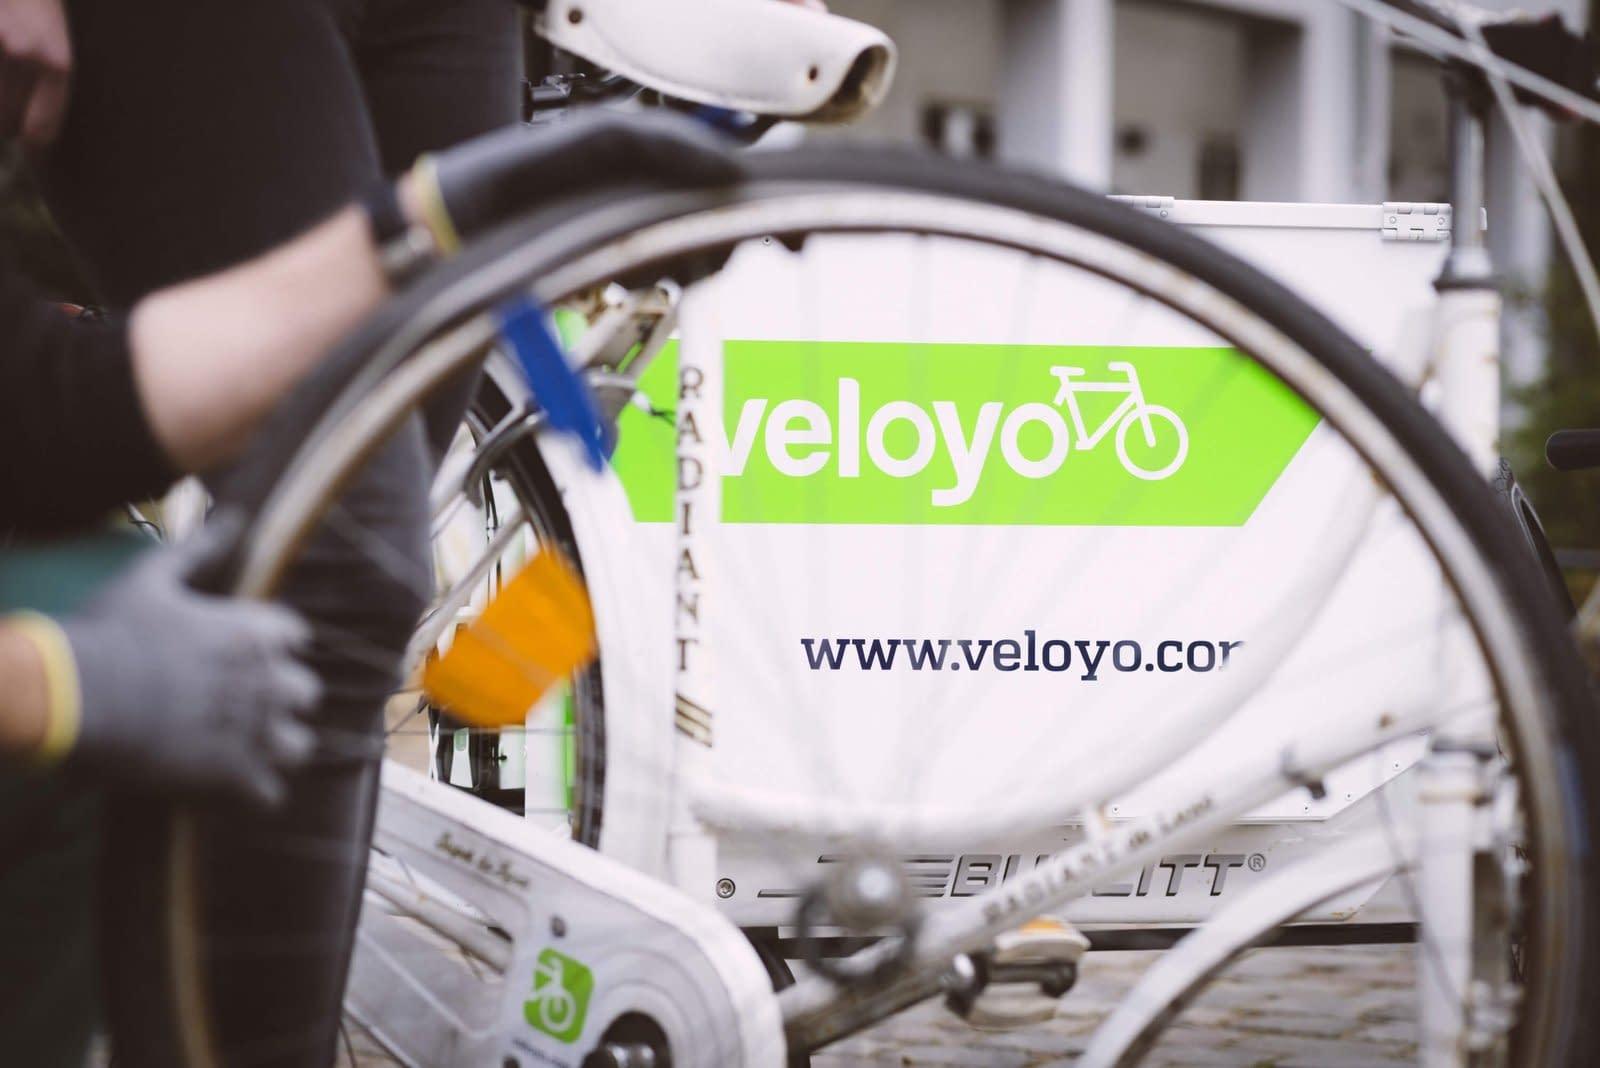 businessfotograf-hamburg-pressefotos-public-relations-pr-unternehmensfotografie-startup-gruender-fahrrad-veloyo-3